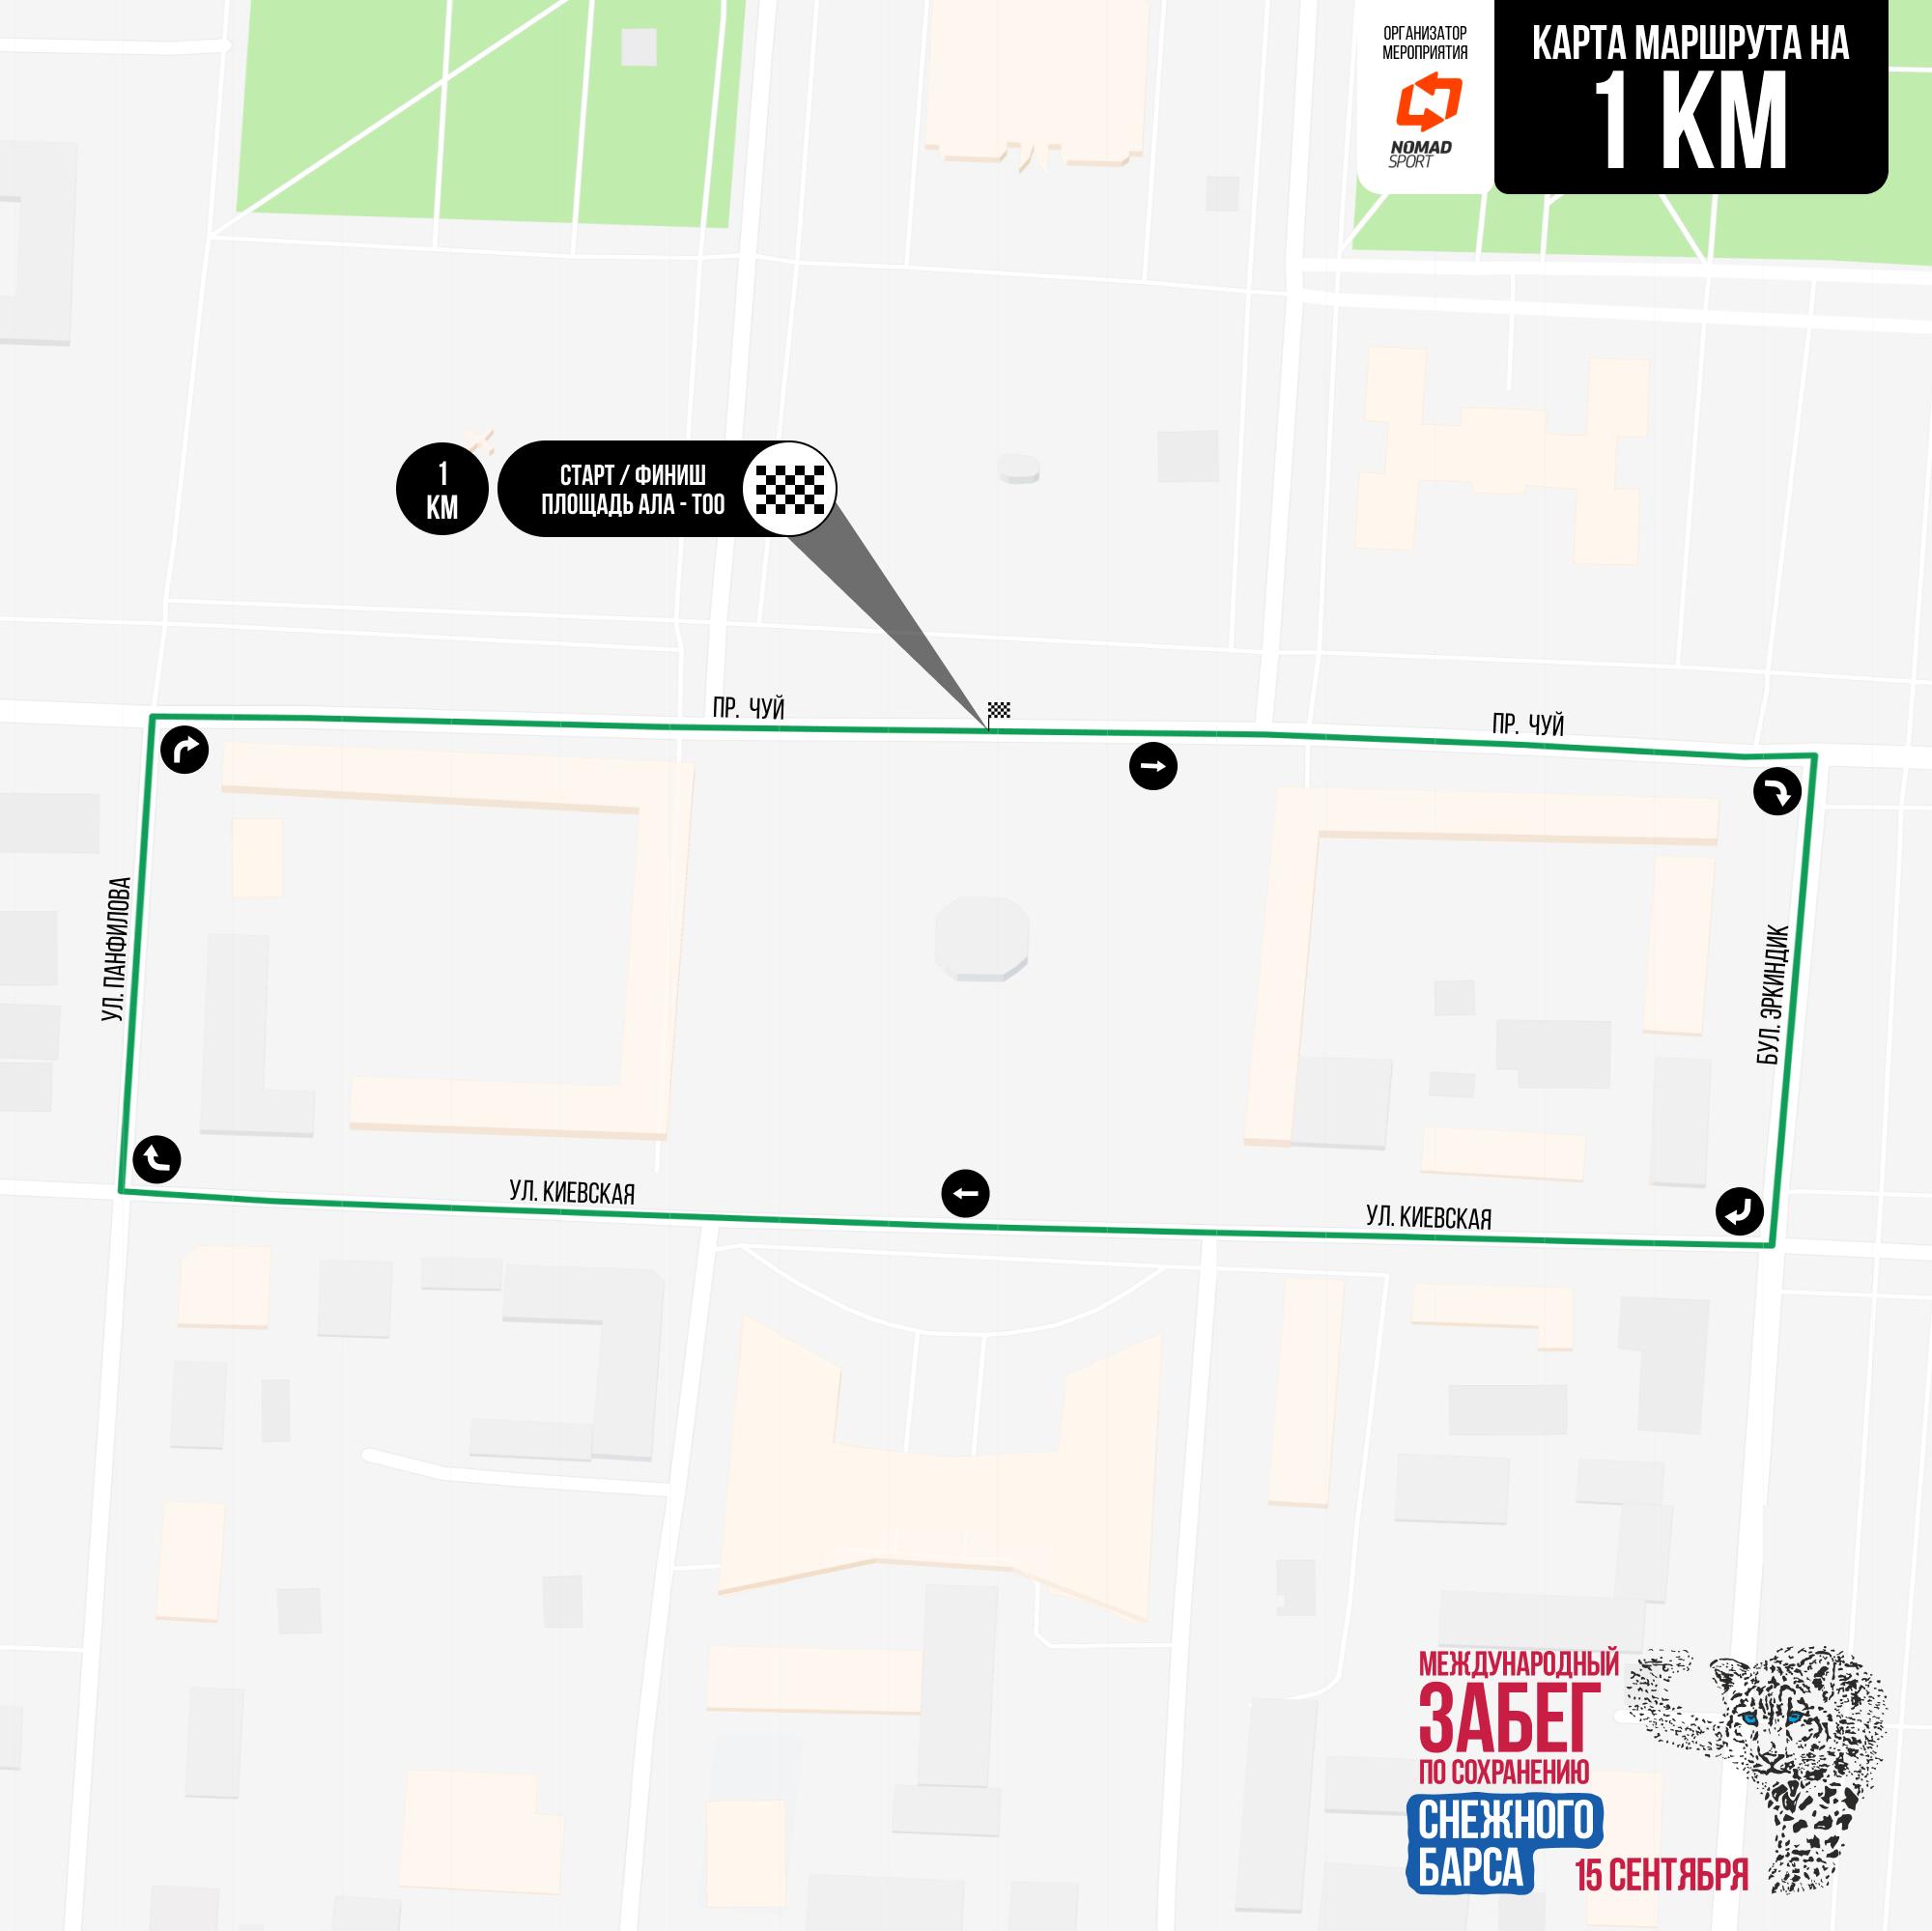 Дистанция в один километр проляжет по проспектам Чуй, Эркиндик и по улицам Киевской, Панфилова. Старт и финиш — на площади Ала-Тоо. Допускаются участники от 12 лет и старше.